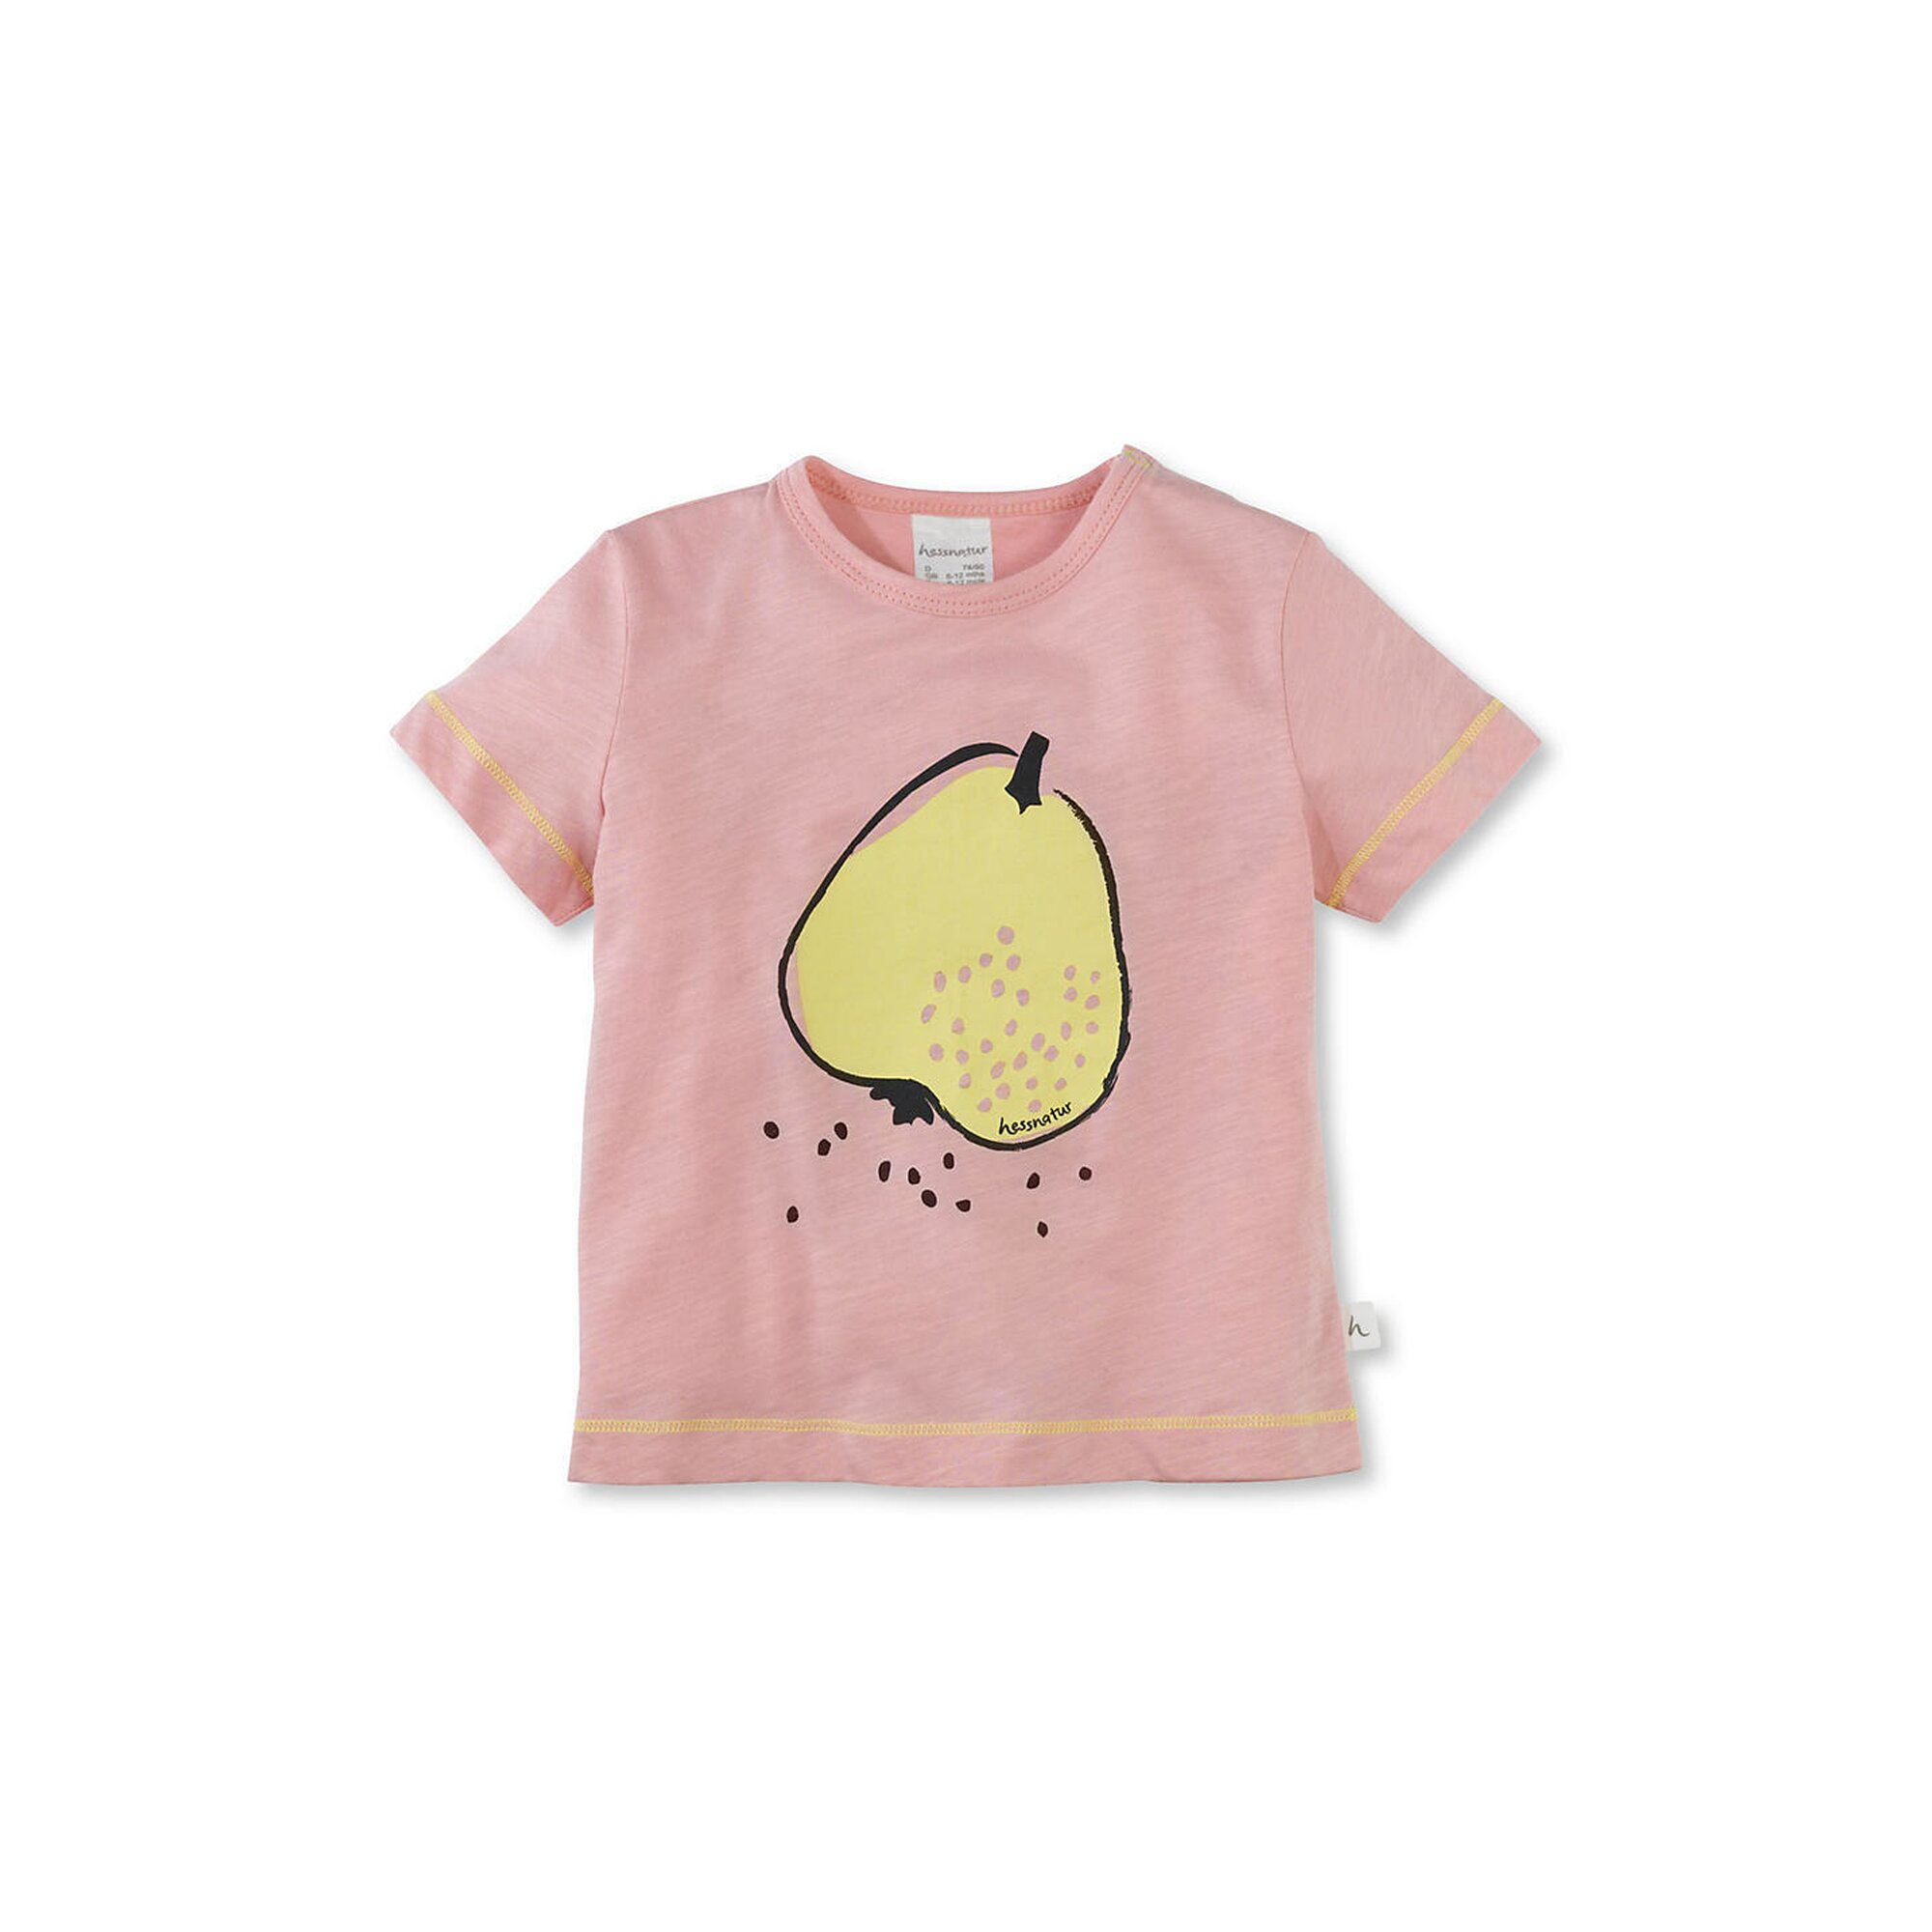 hessnatur-shirt-aus-reiner-bio-baumwolle